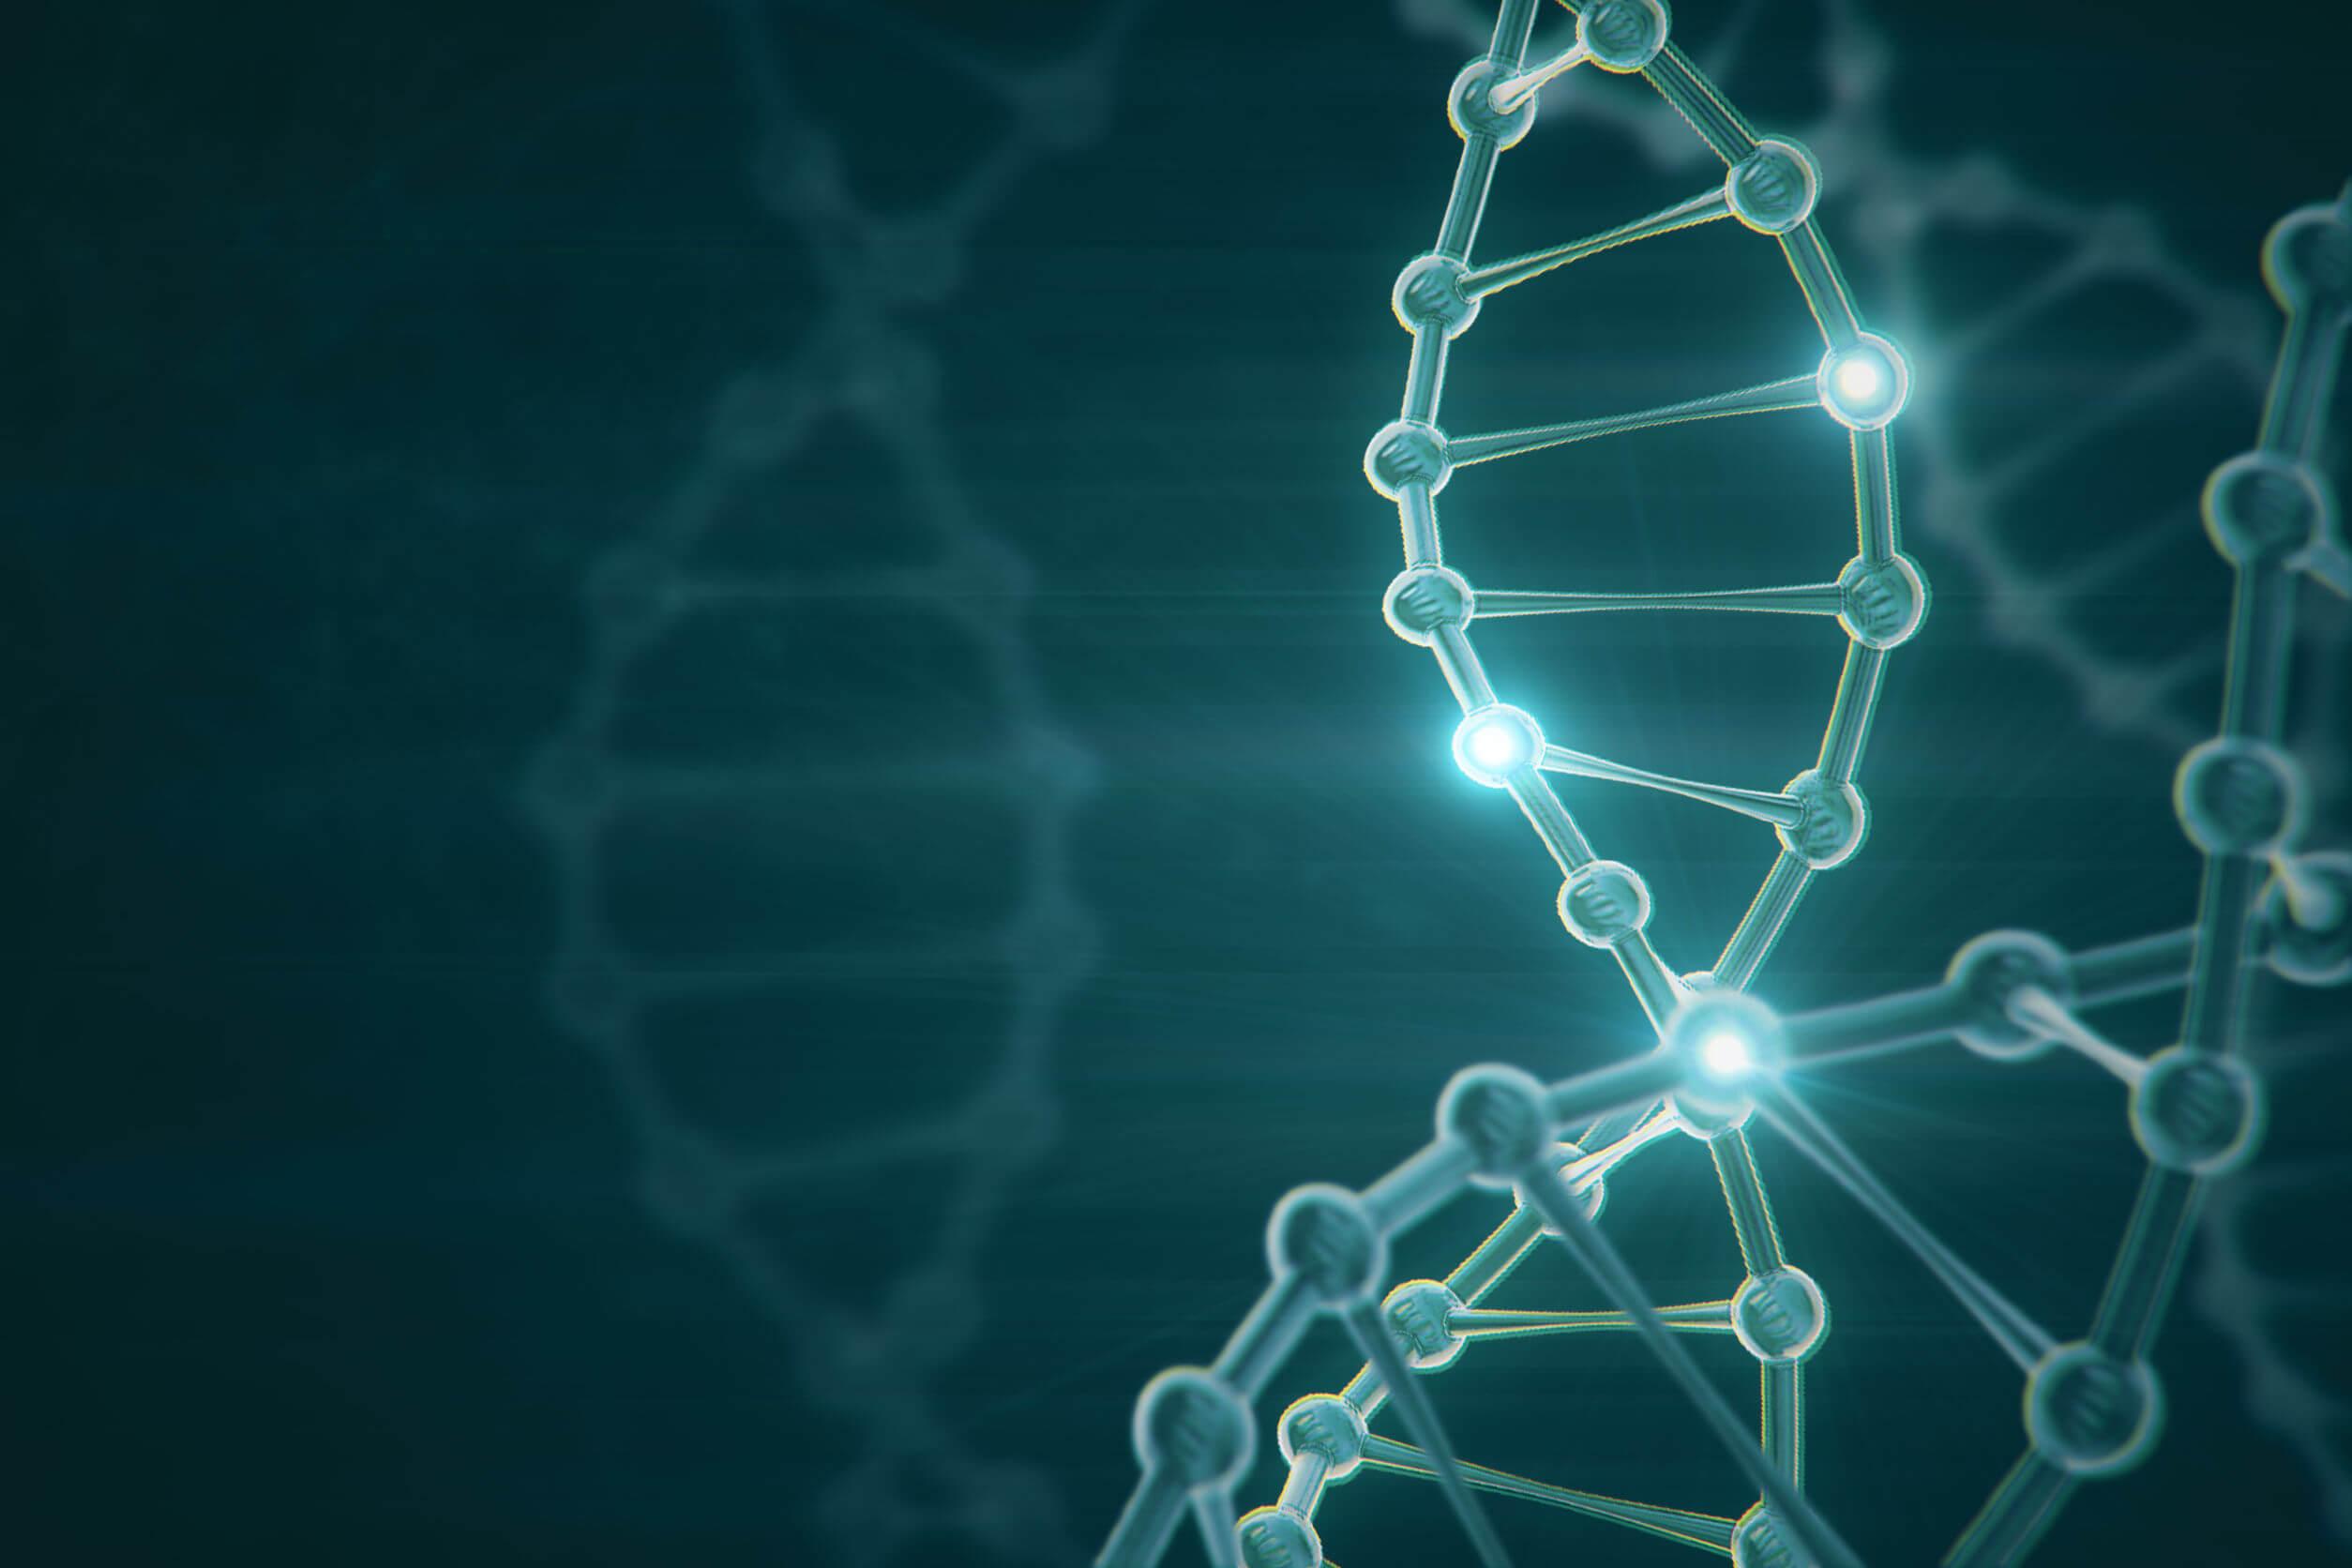 El glioma cerebral puede estar ligado a los genes.